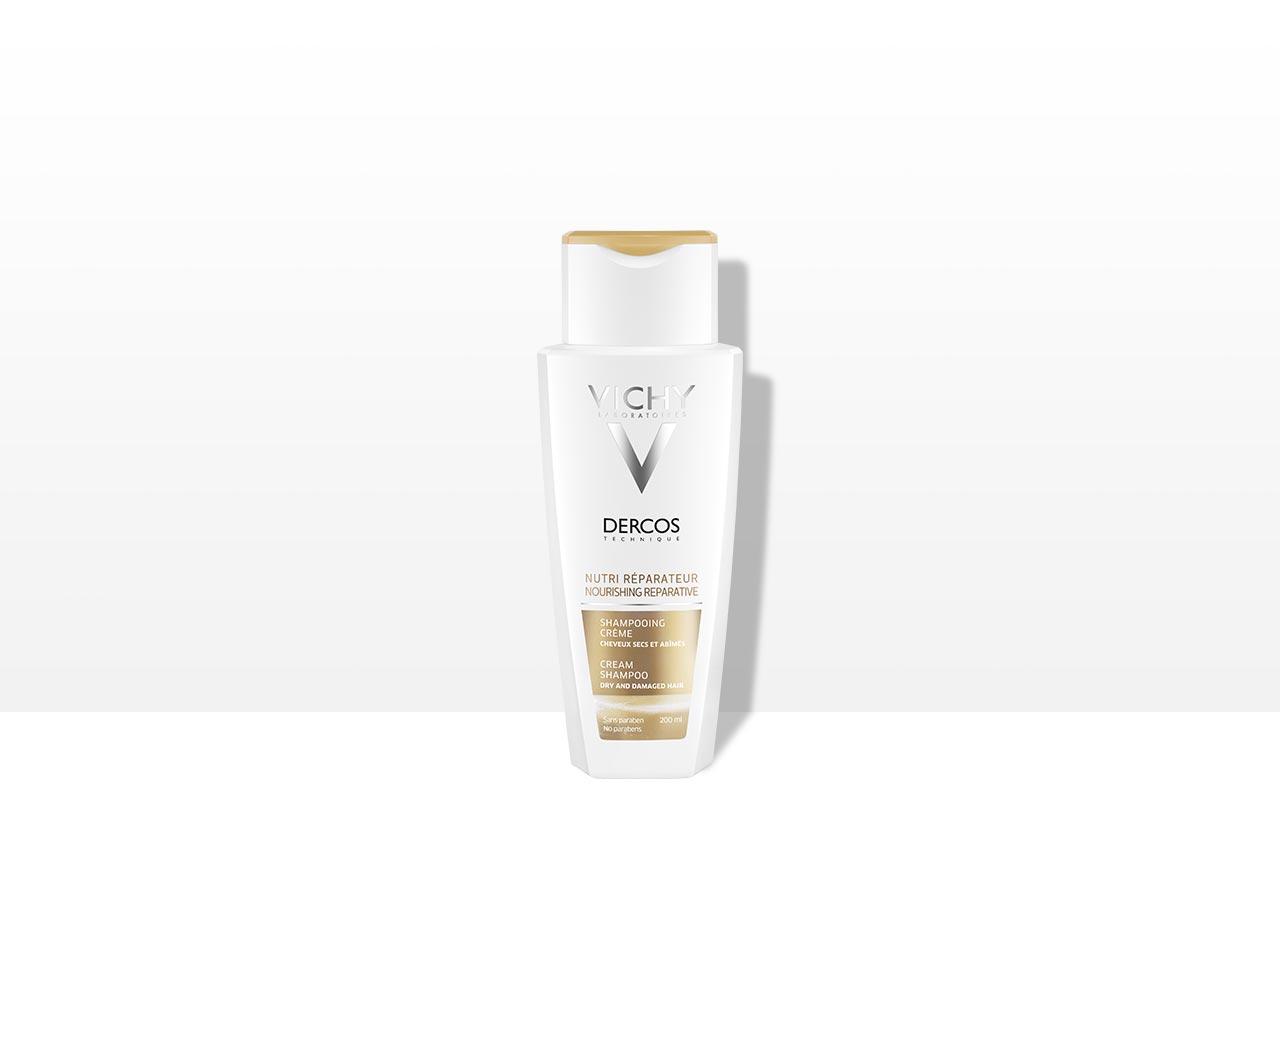 Șampon nutrireparator